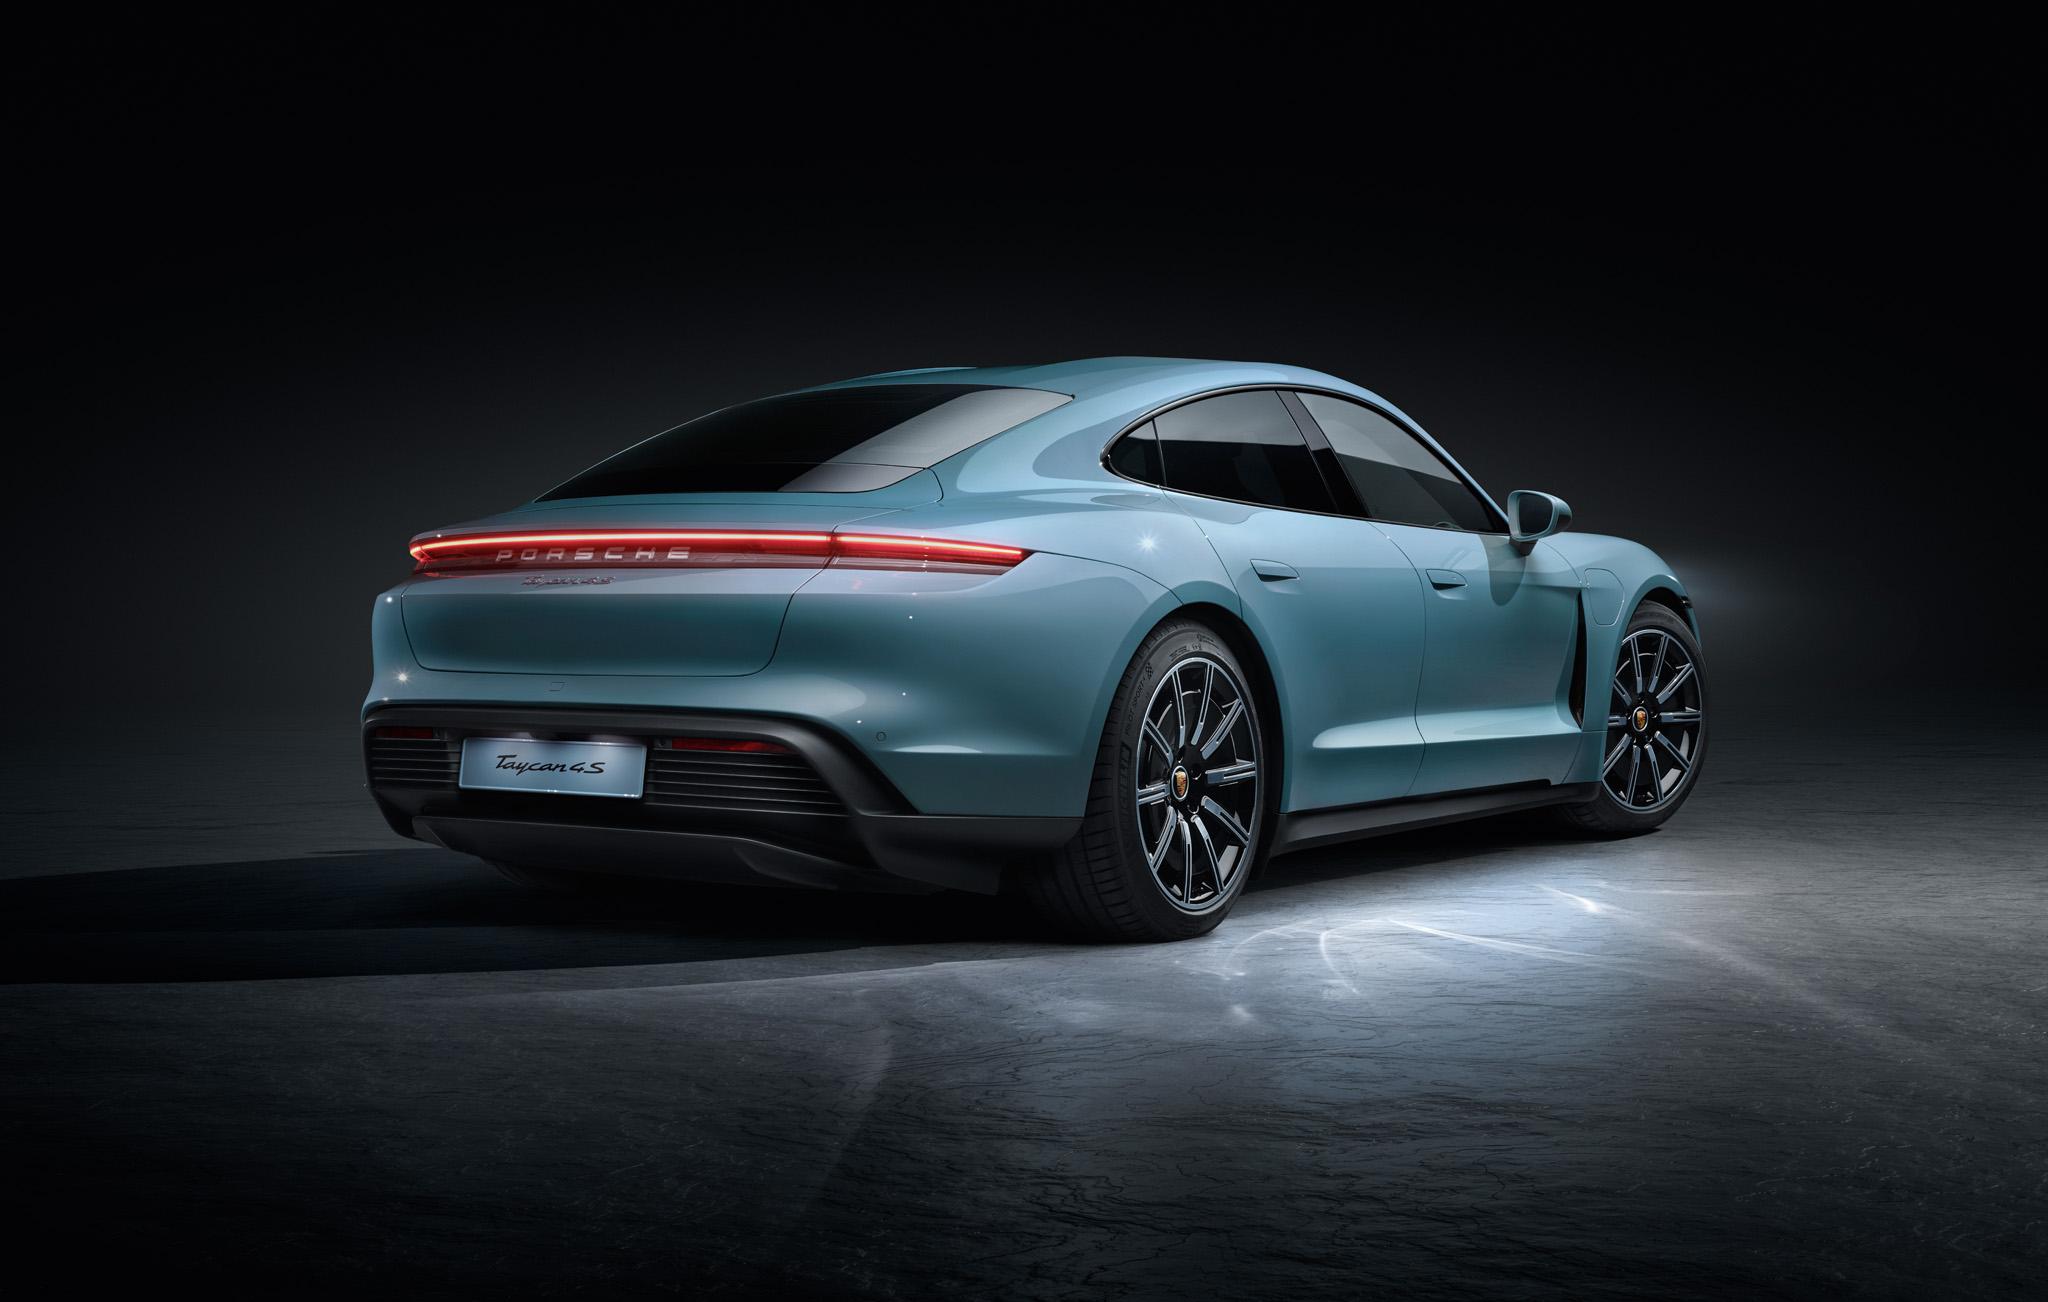 02 Porsche Taycan 4S